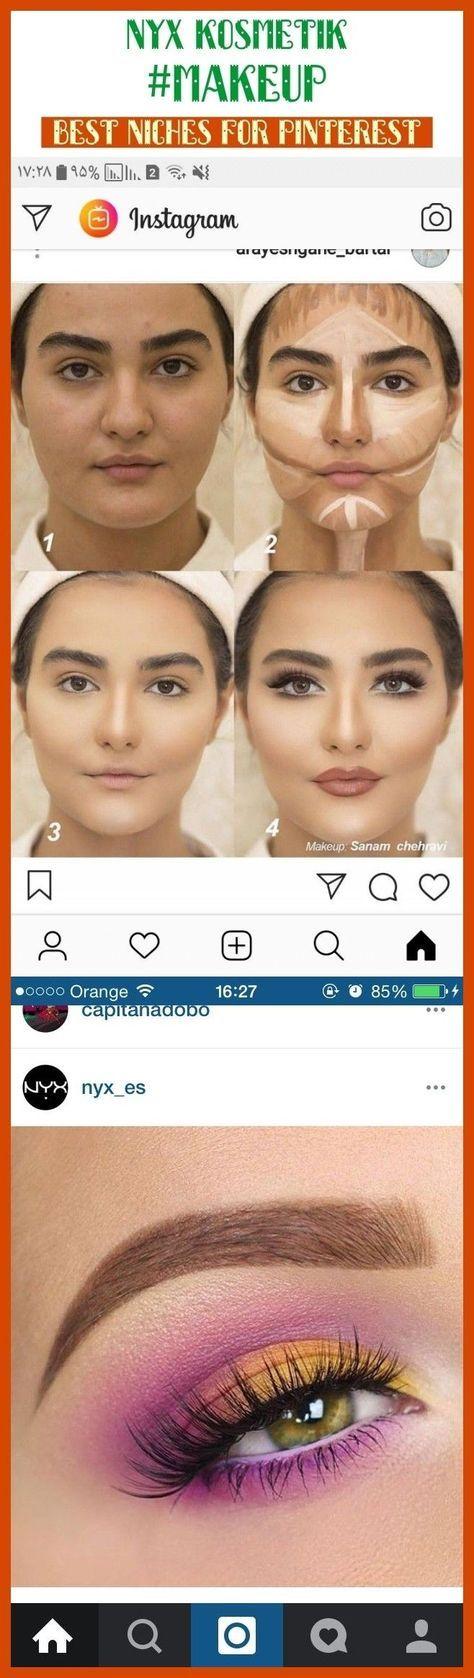 Nyx kosmetik #makeup #blog #seo #beauty. nyx goddess, nyx cosmetics, nyx lipstick, nyx honeymoon, nyx butter gloss, nyx eyeshadow, nyx ultimate, nyx foundation, nyx makeup, nyx soft matte lip cream, nyx concealer, nyx labiales, nyx blush, nyx eyeliner, nyx mythology, nyx maquillaje, nyx aesthetic, nyx primer, nyx highlighter, nyx palette, nyx dupes, nyx contour, nyx deusa grega, nyx diosa, nyx sombras, nyx eyebrow, nyx best products, nyx videos, nyx logo, nyx liquid suede, ny. #bestnyxcosmetics